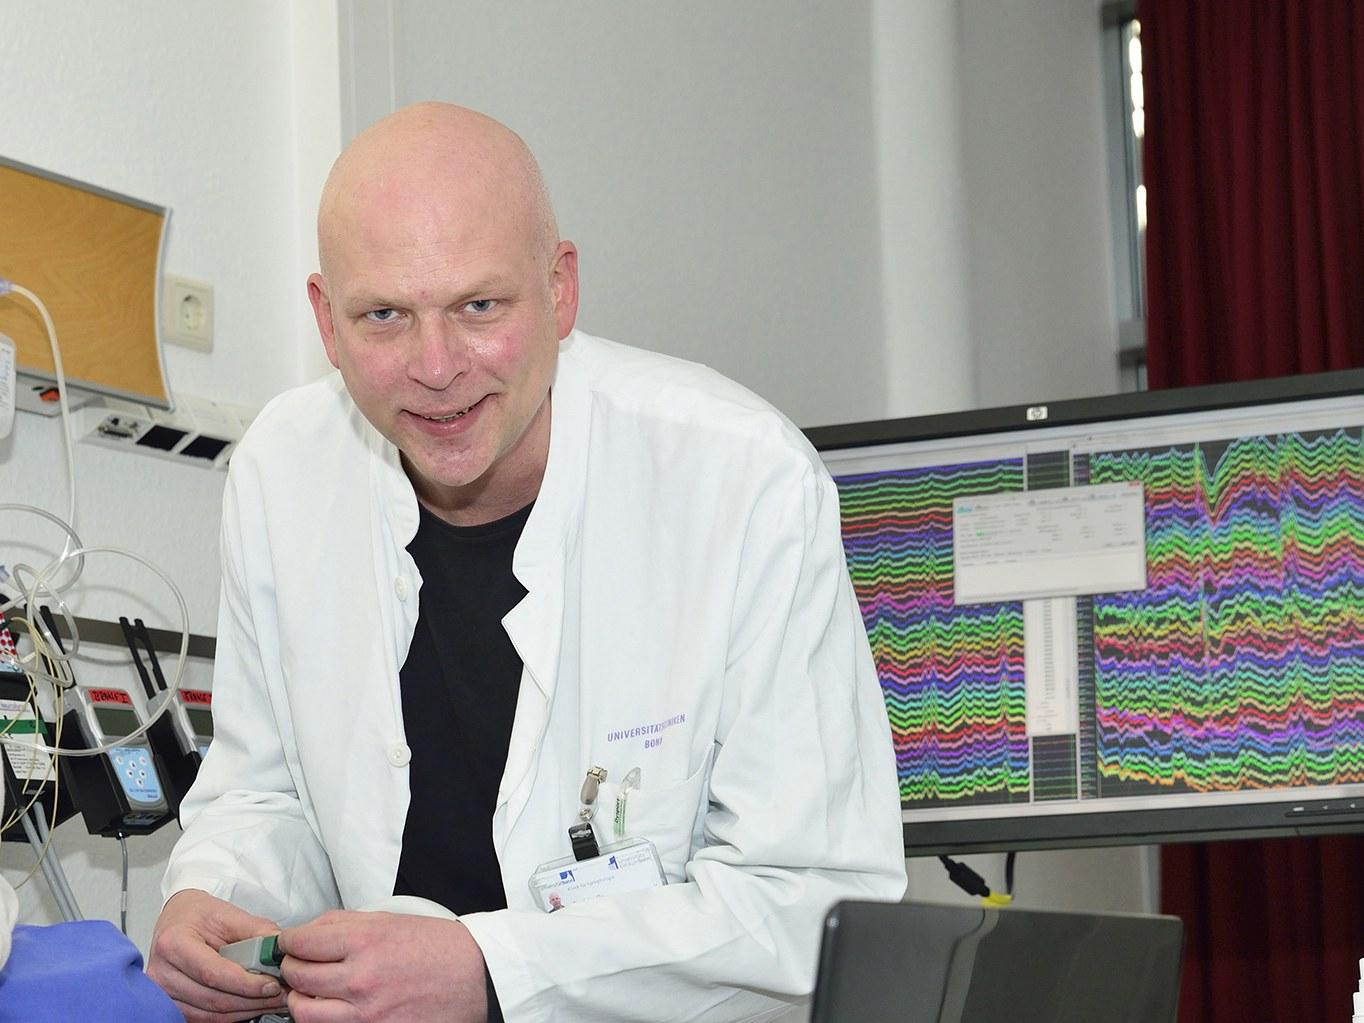 Prof. Dr. Dr. Florian Mormann